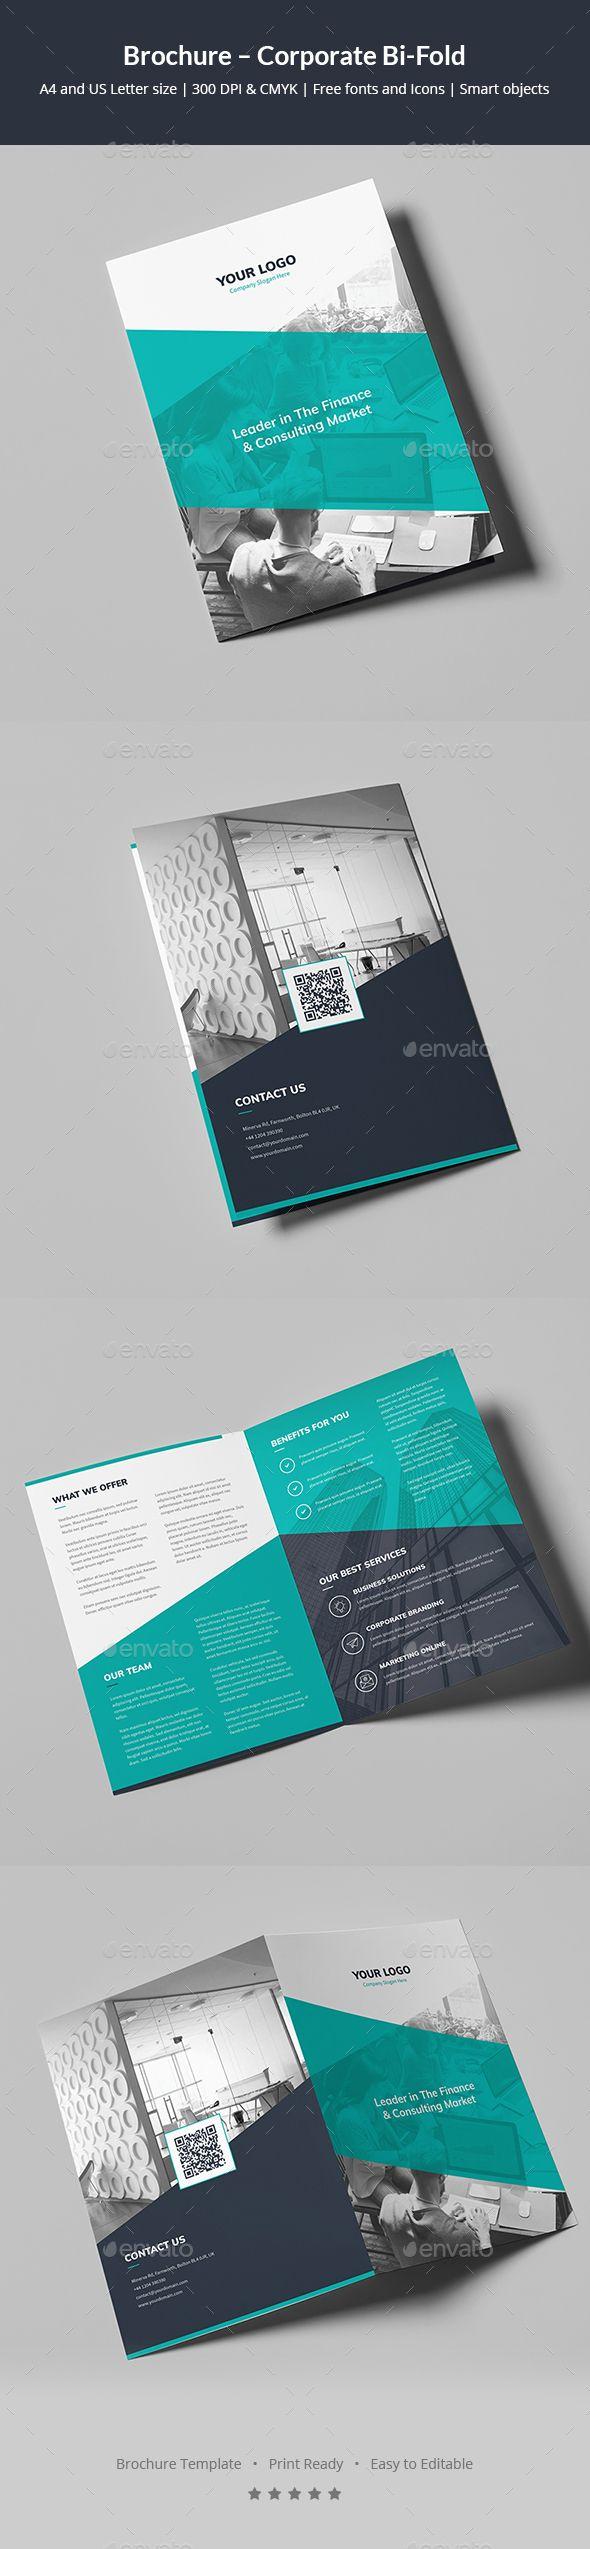 Corporate Bi-Fold Brochure Template PSD